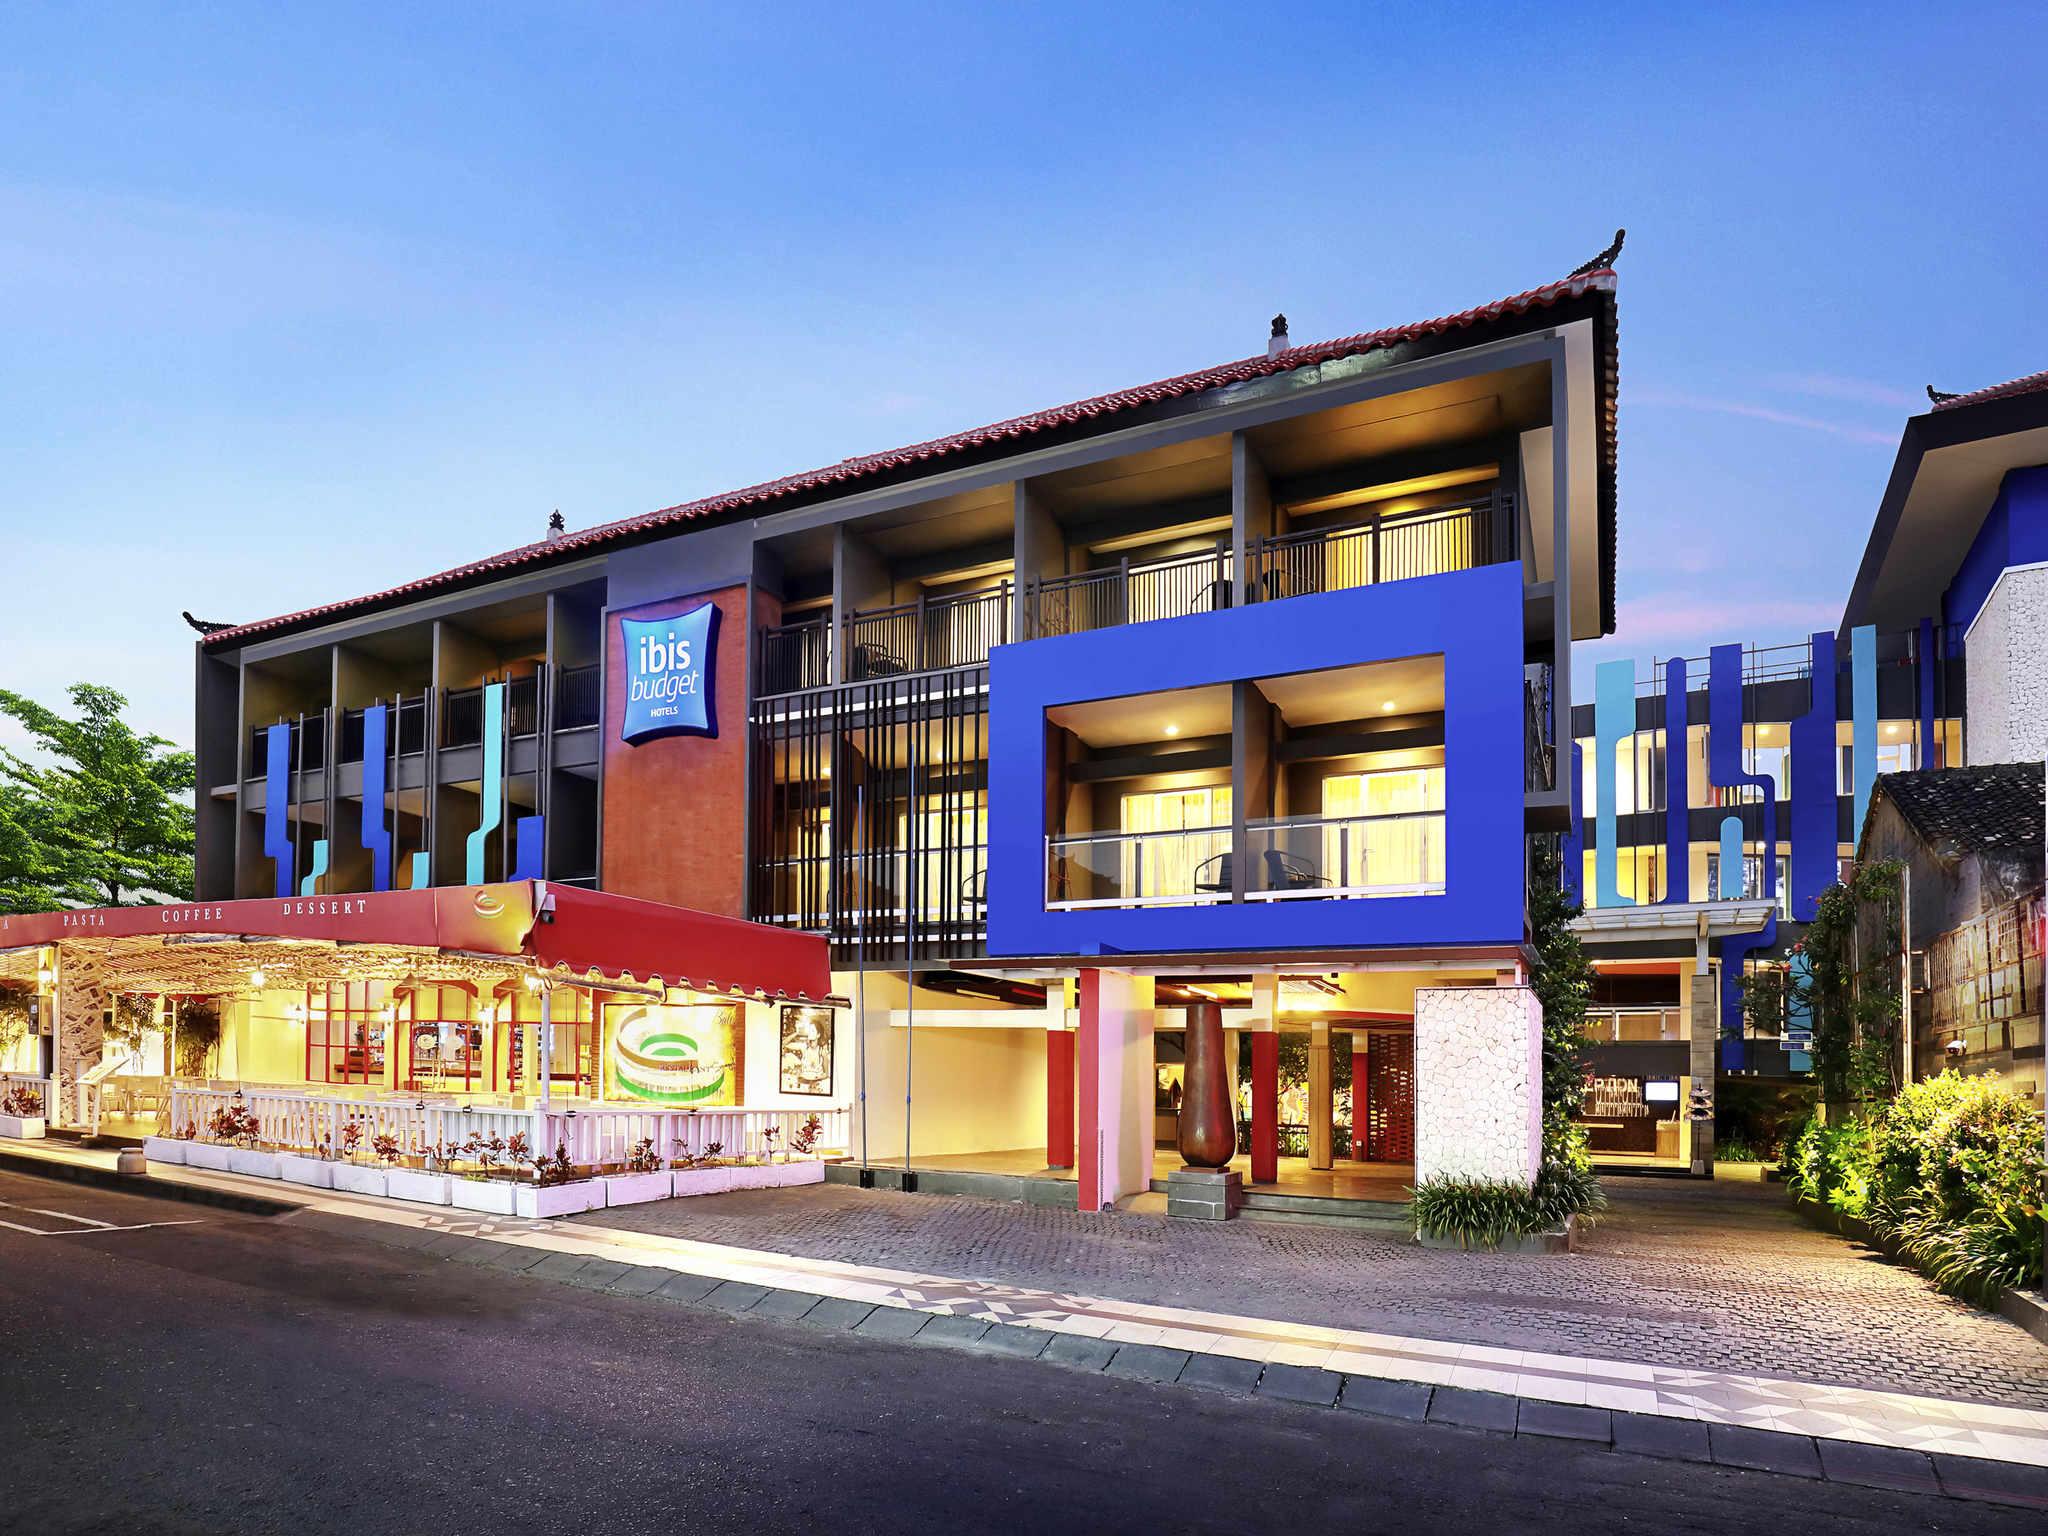 Hotel – Hotel Primera Seminyak beheerd door AccorHotels